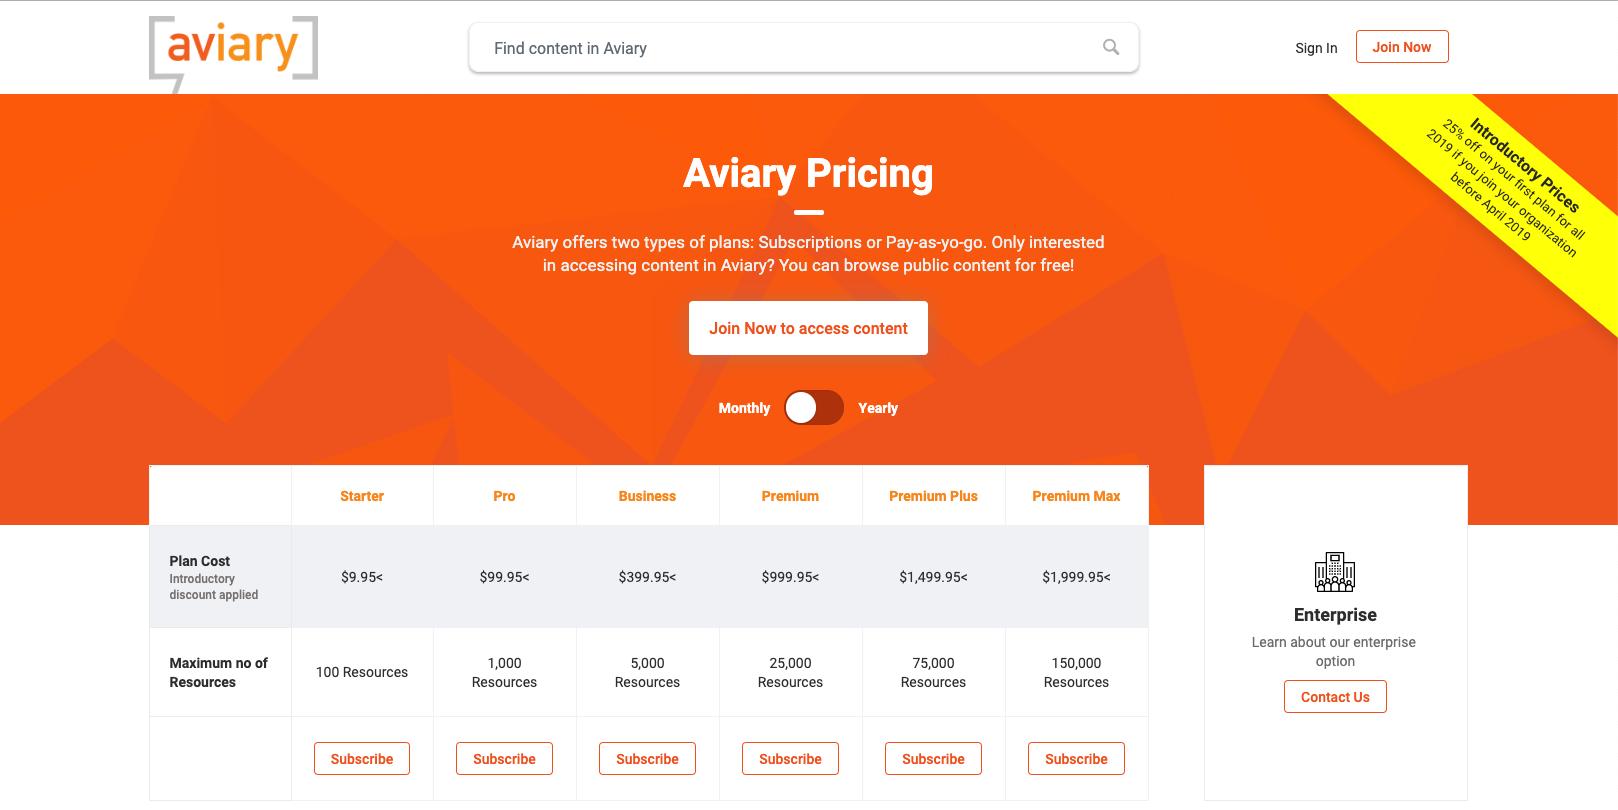 Aviary Pricing Page